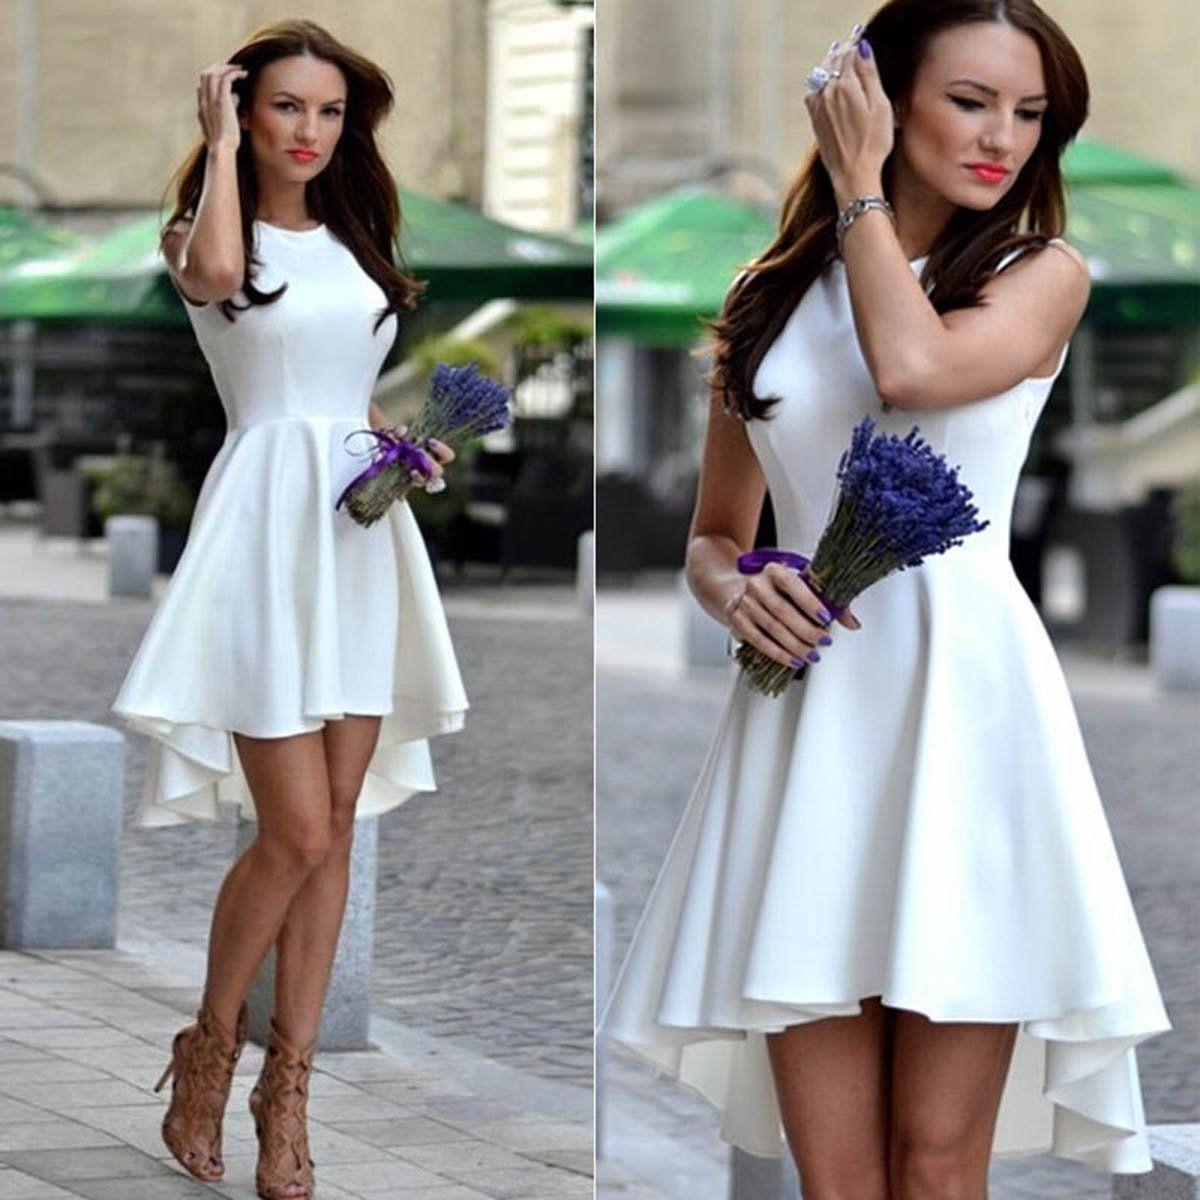 Vestidos casuales para ir a una boda